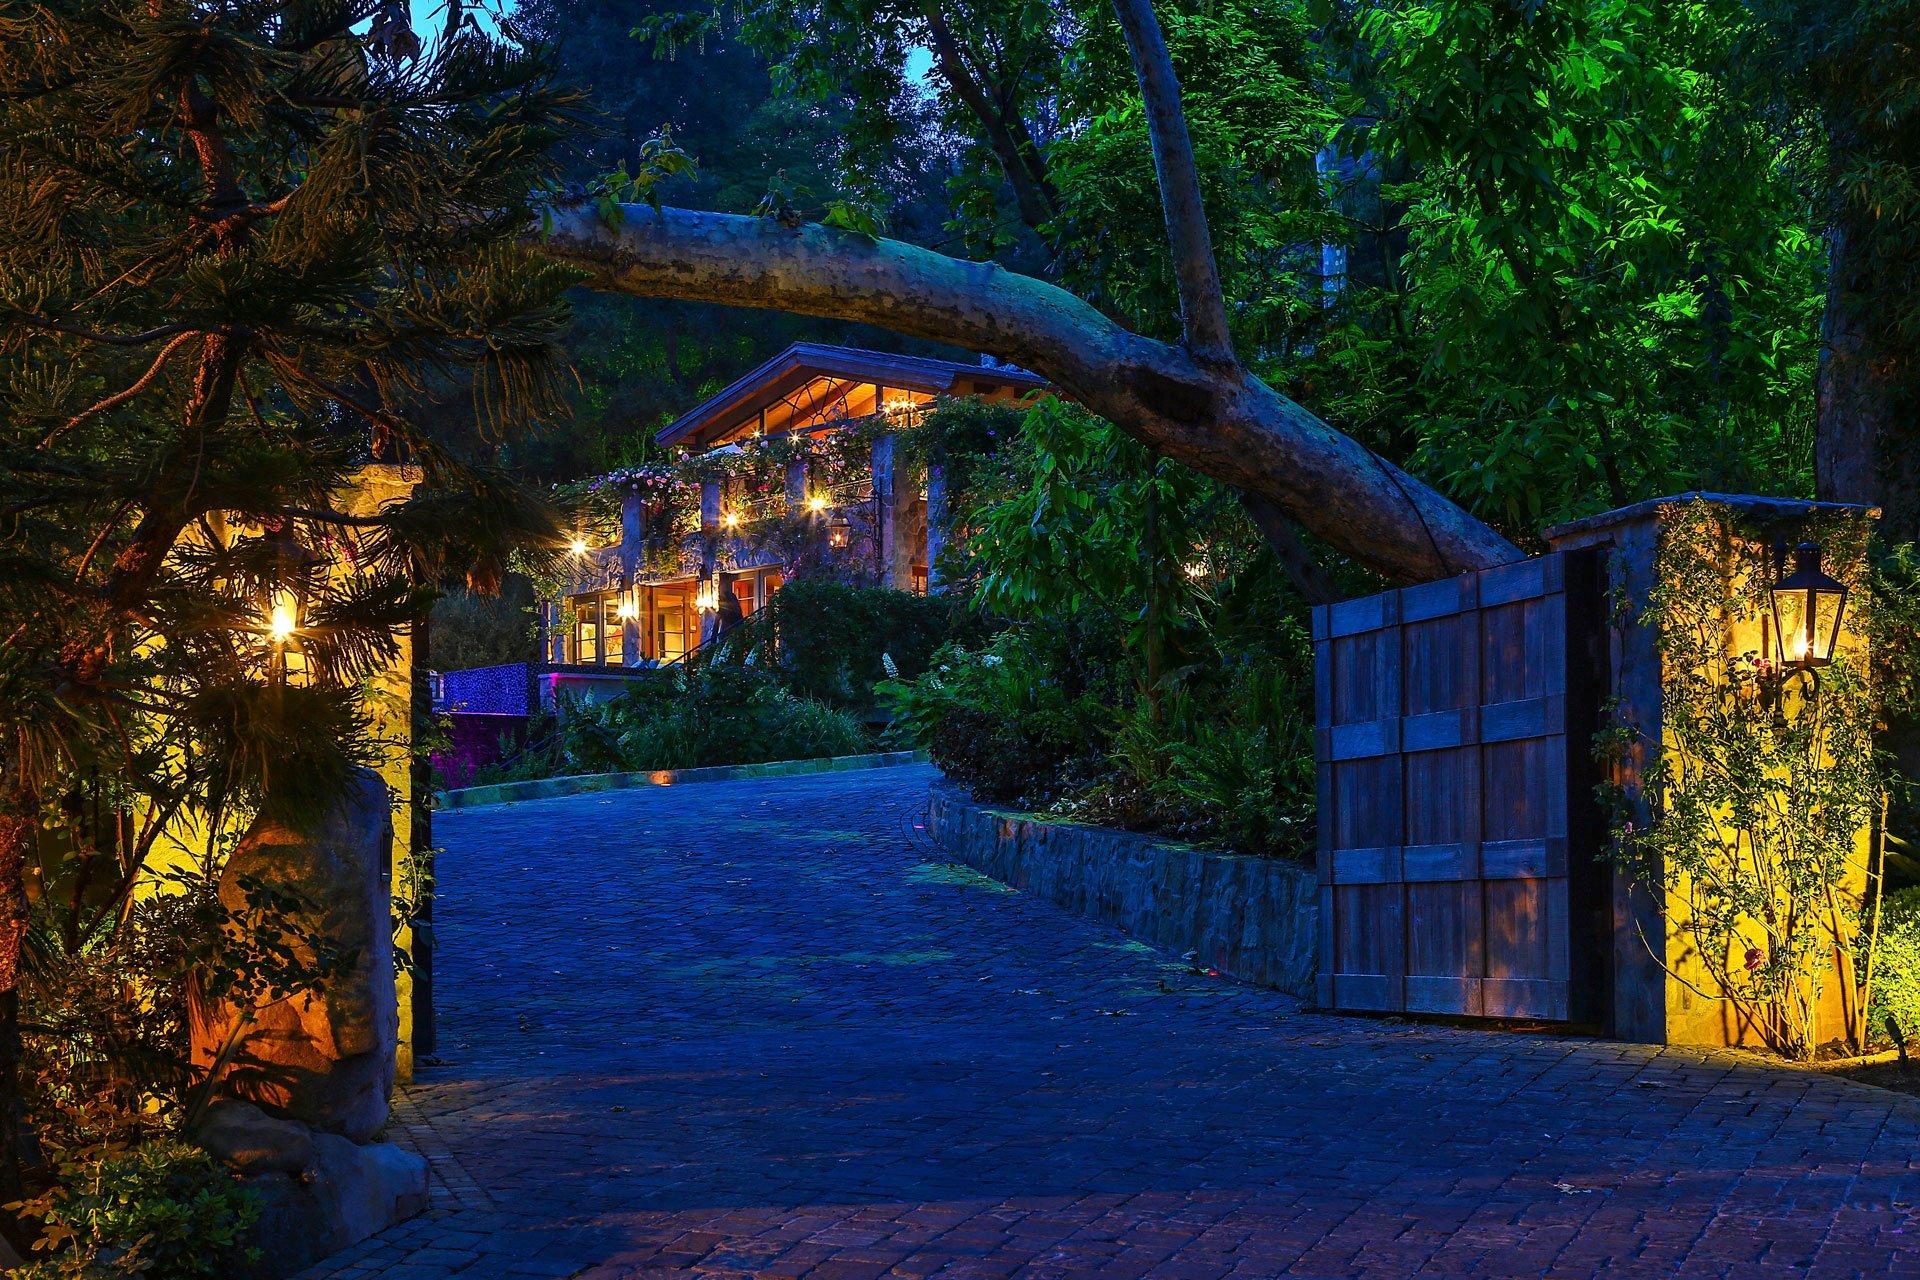 La entrada a la mansión, de noche. La iluminación forma parte del detallado decorado de la vivienda